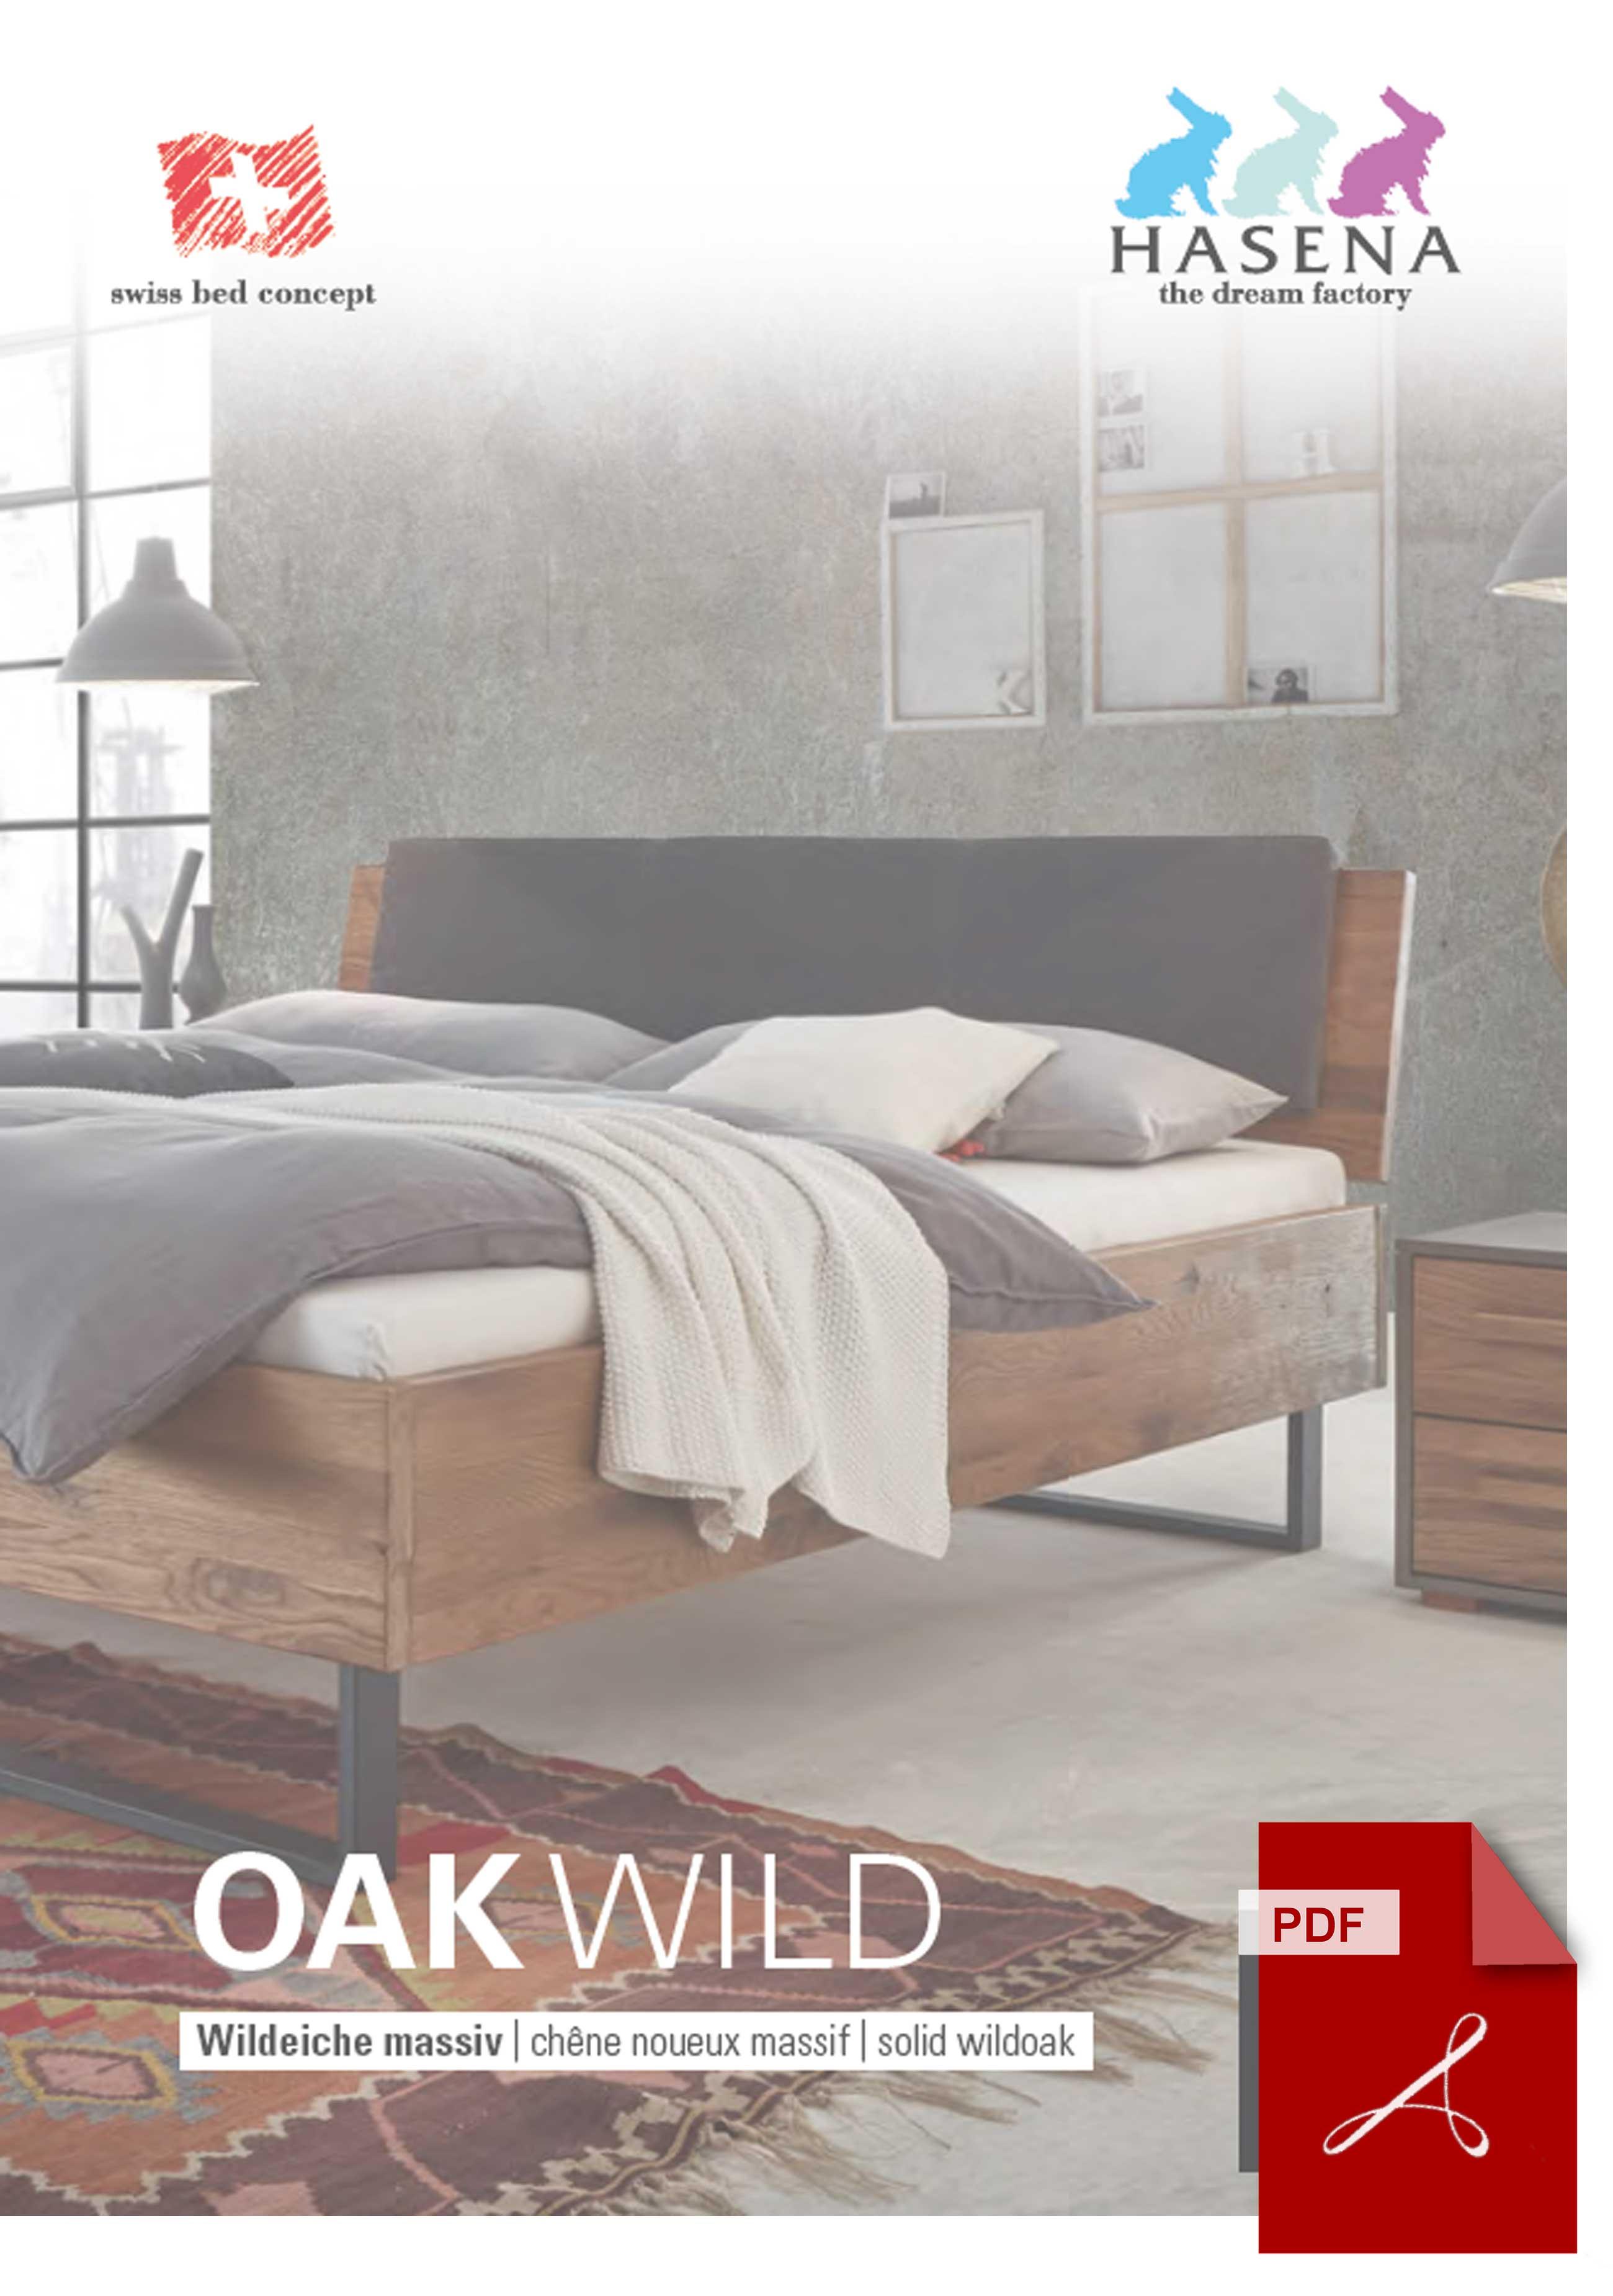 Hasena Oak Wild Katalog als PDF Datei